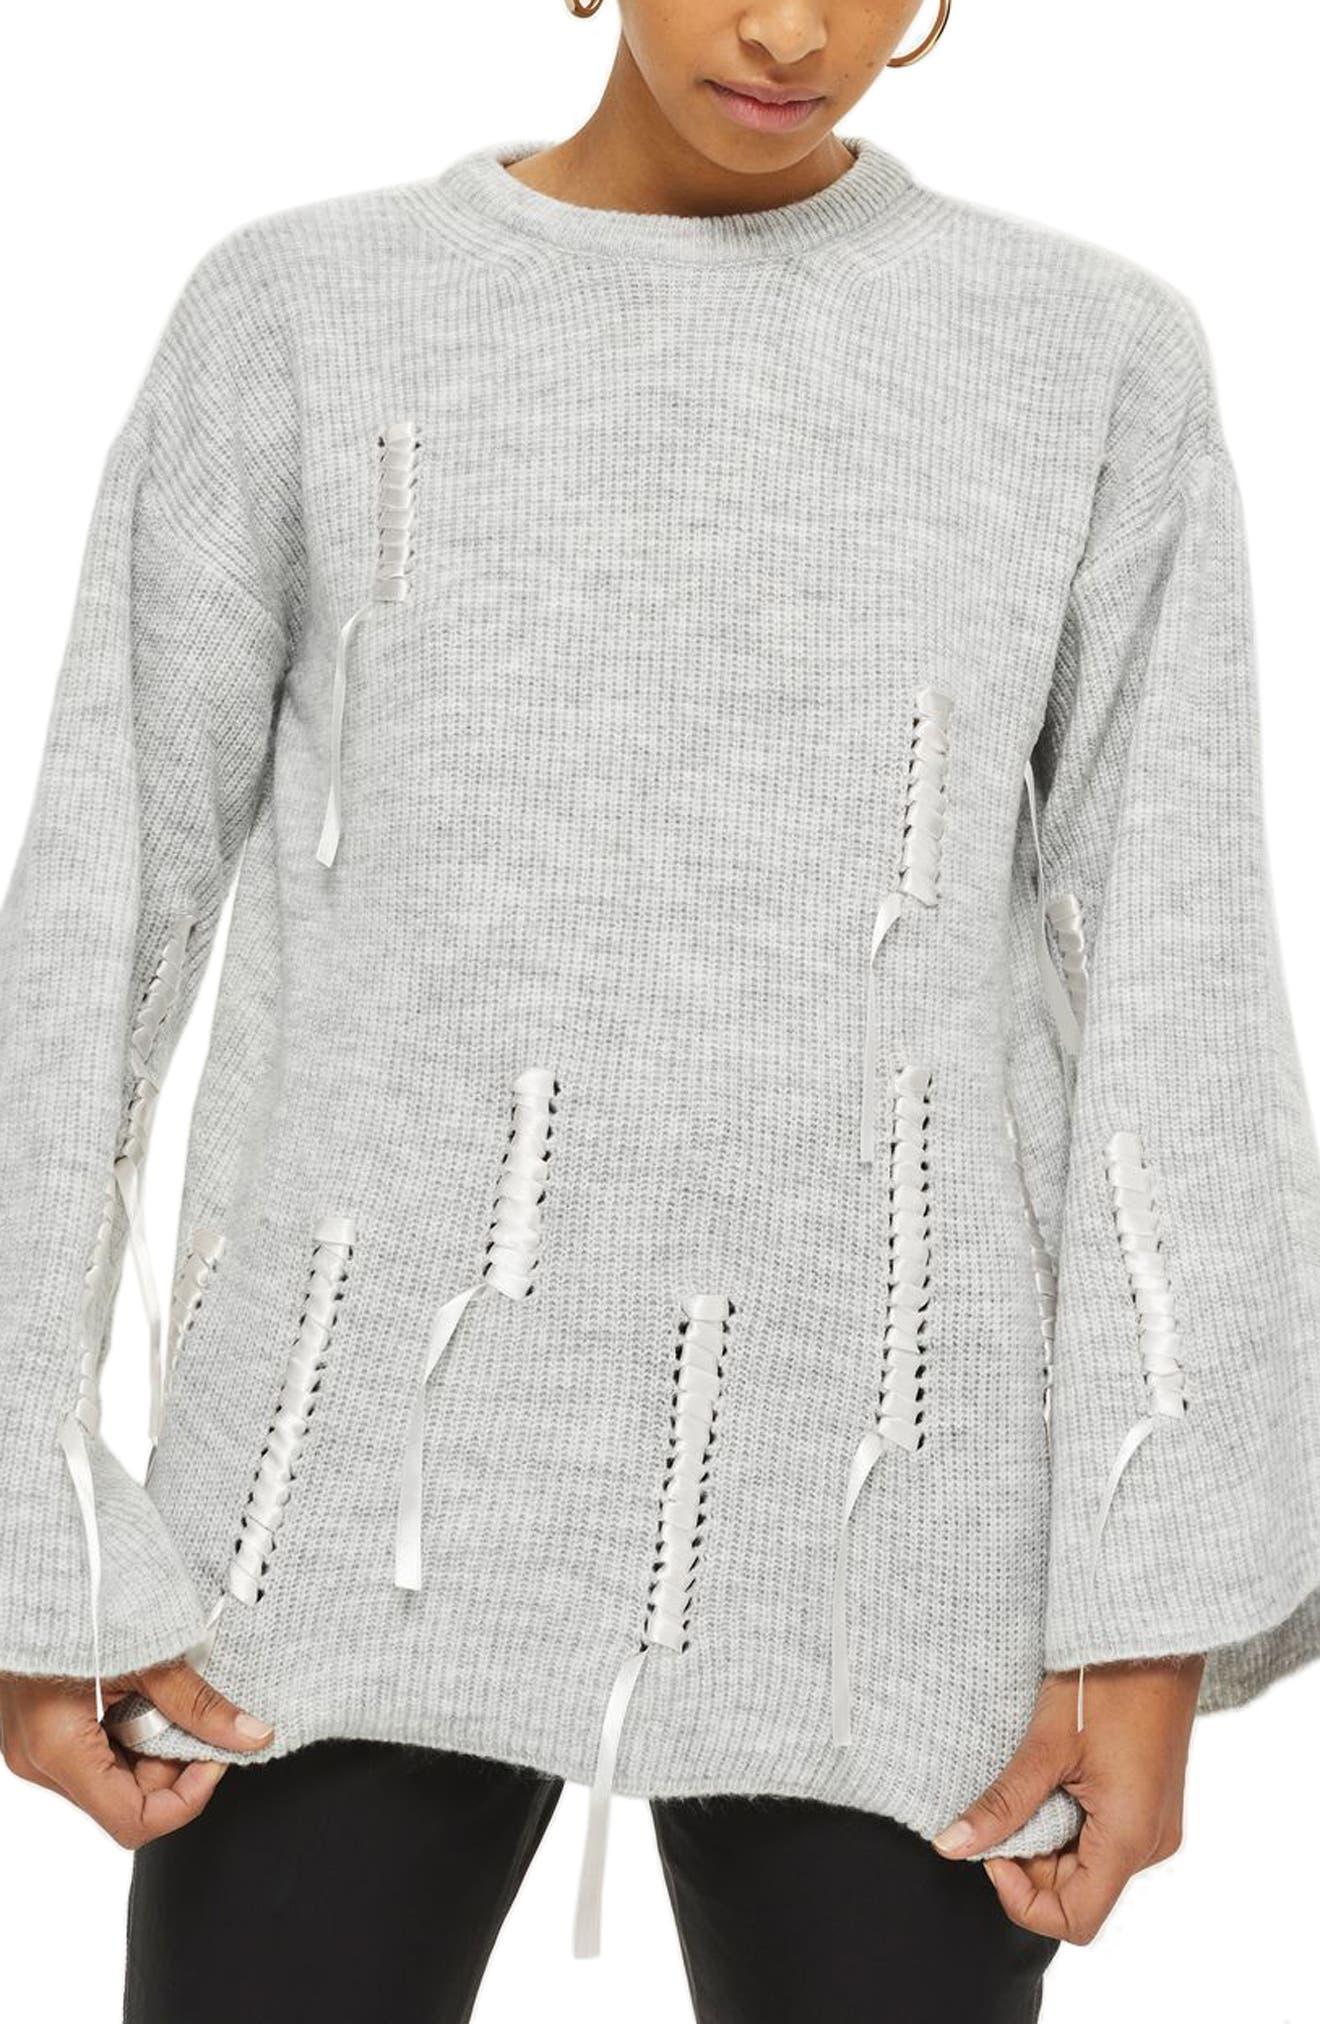 Ribbon Detail Sweater,                         Main,                         color, Grey Marl